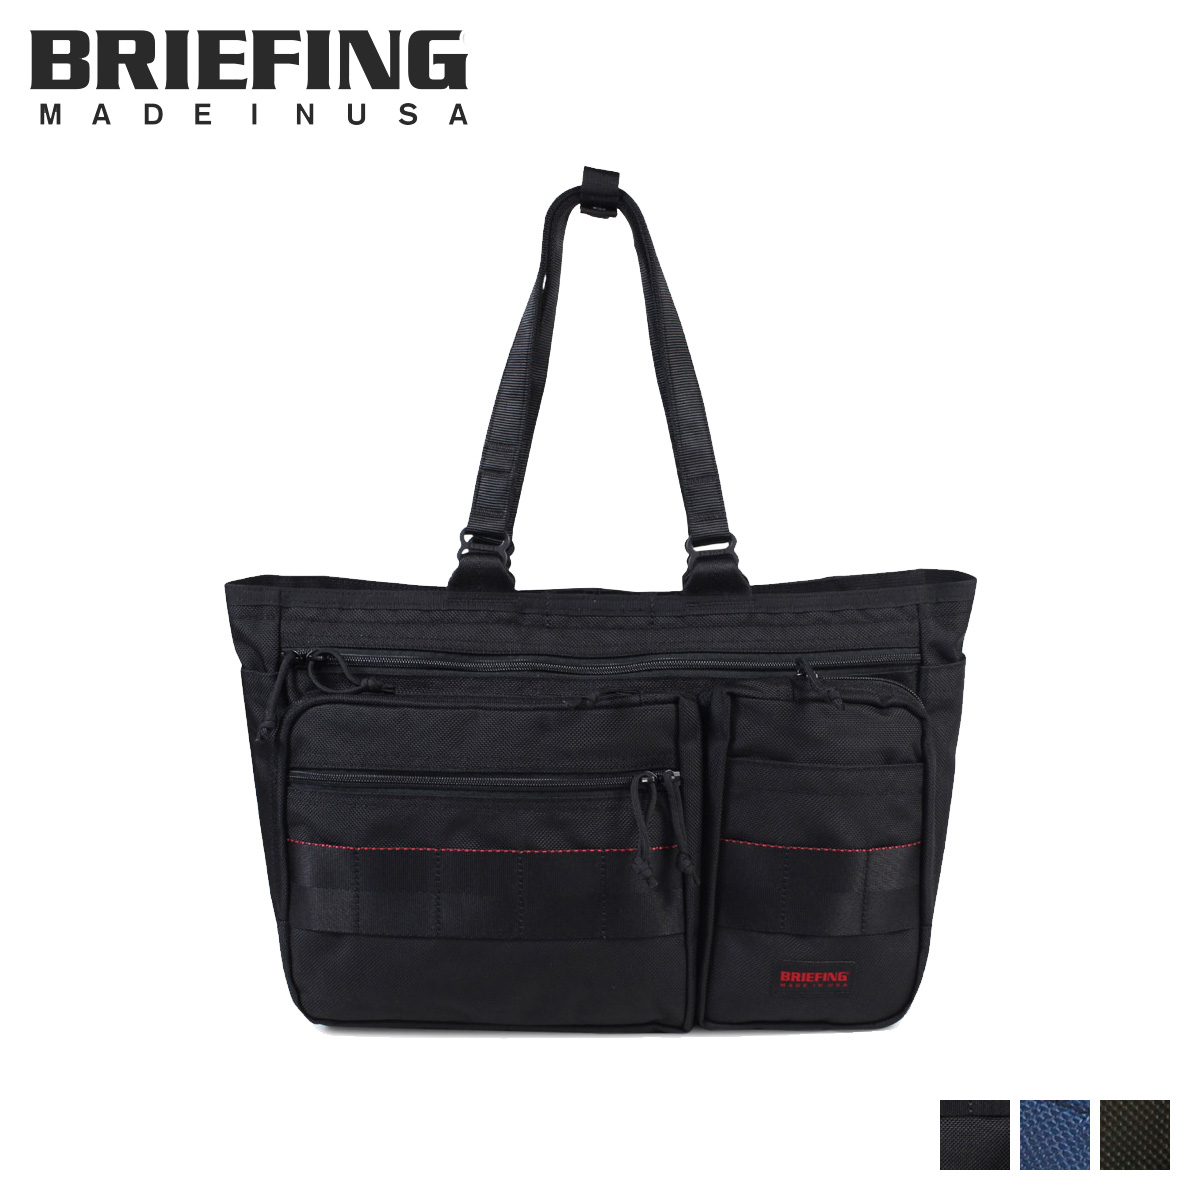 BRIEFING BS TOTE WIDE ブリーフィング バッグ トートバッグ BRF301219 メンズ ブラック ネイビー オリーブ 黒XkTZPiuO